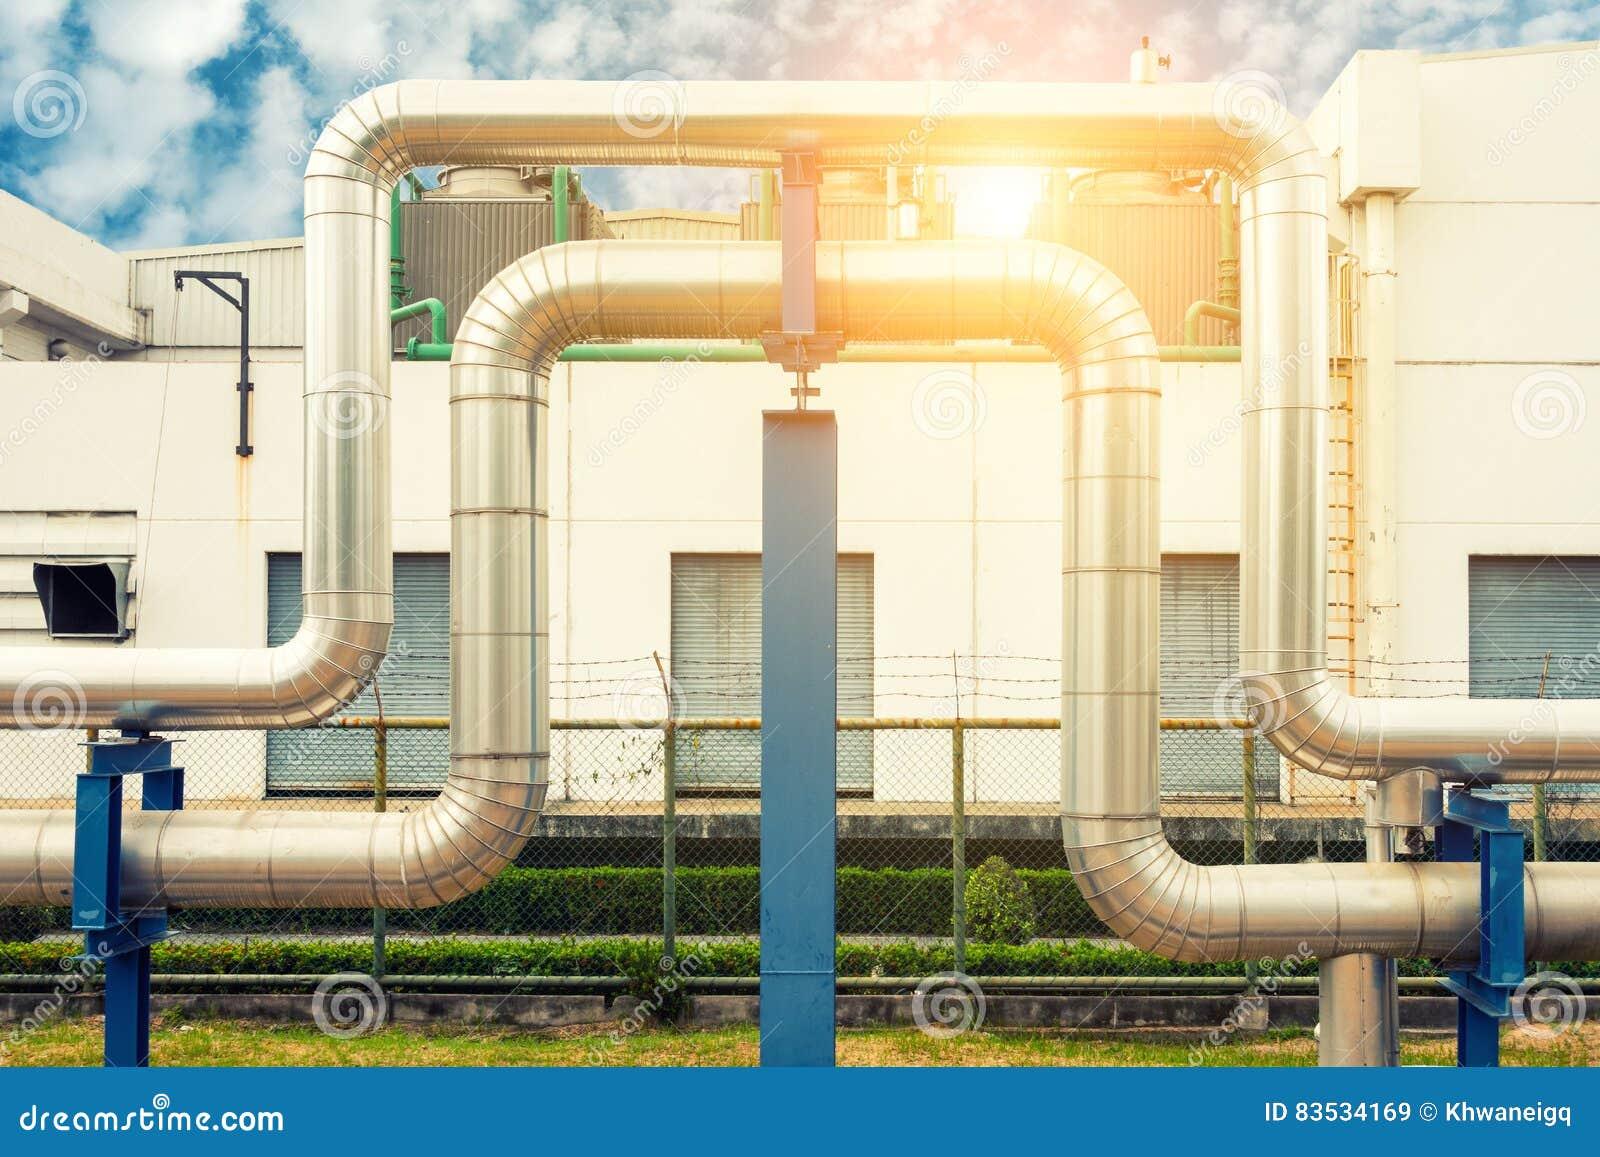 Coloque la tubería del vapor en fondo y sol de la torre de enfriamiento , Tubo del aislamiento